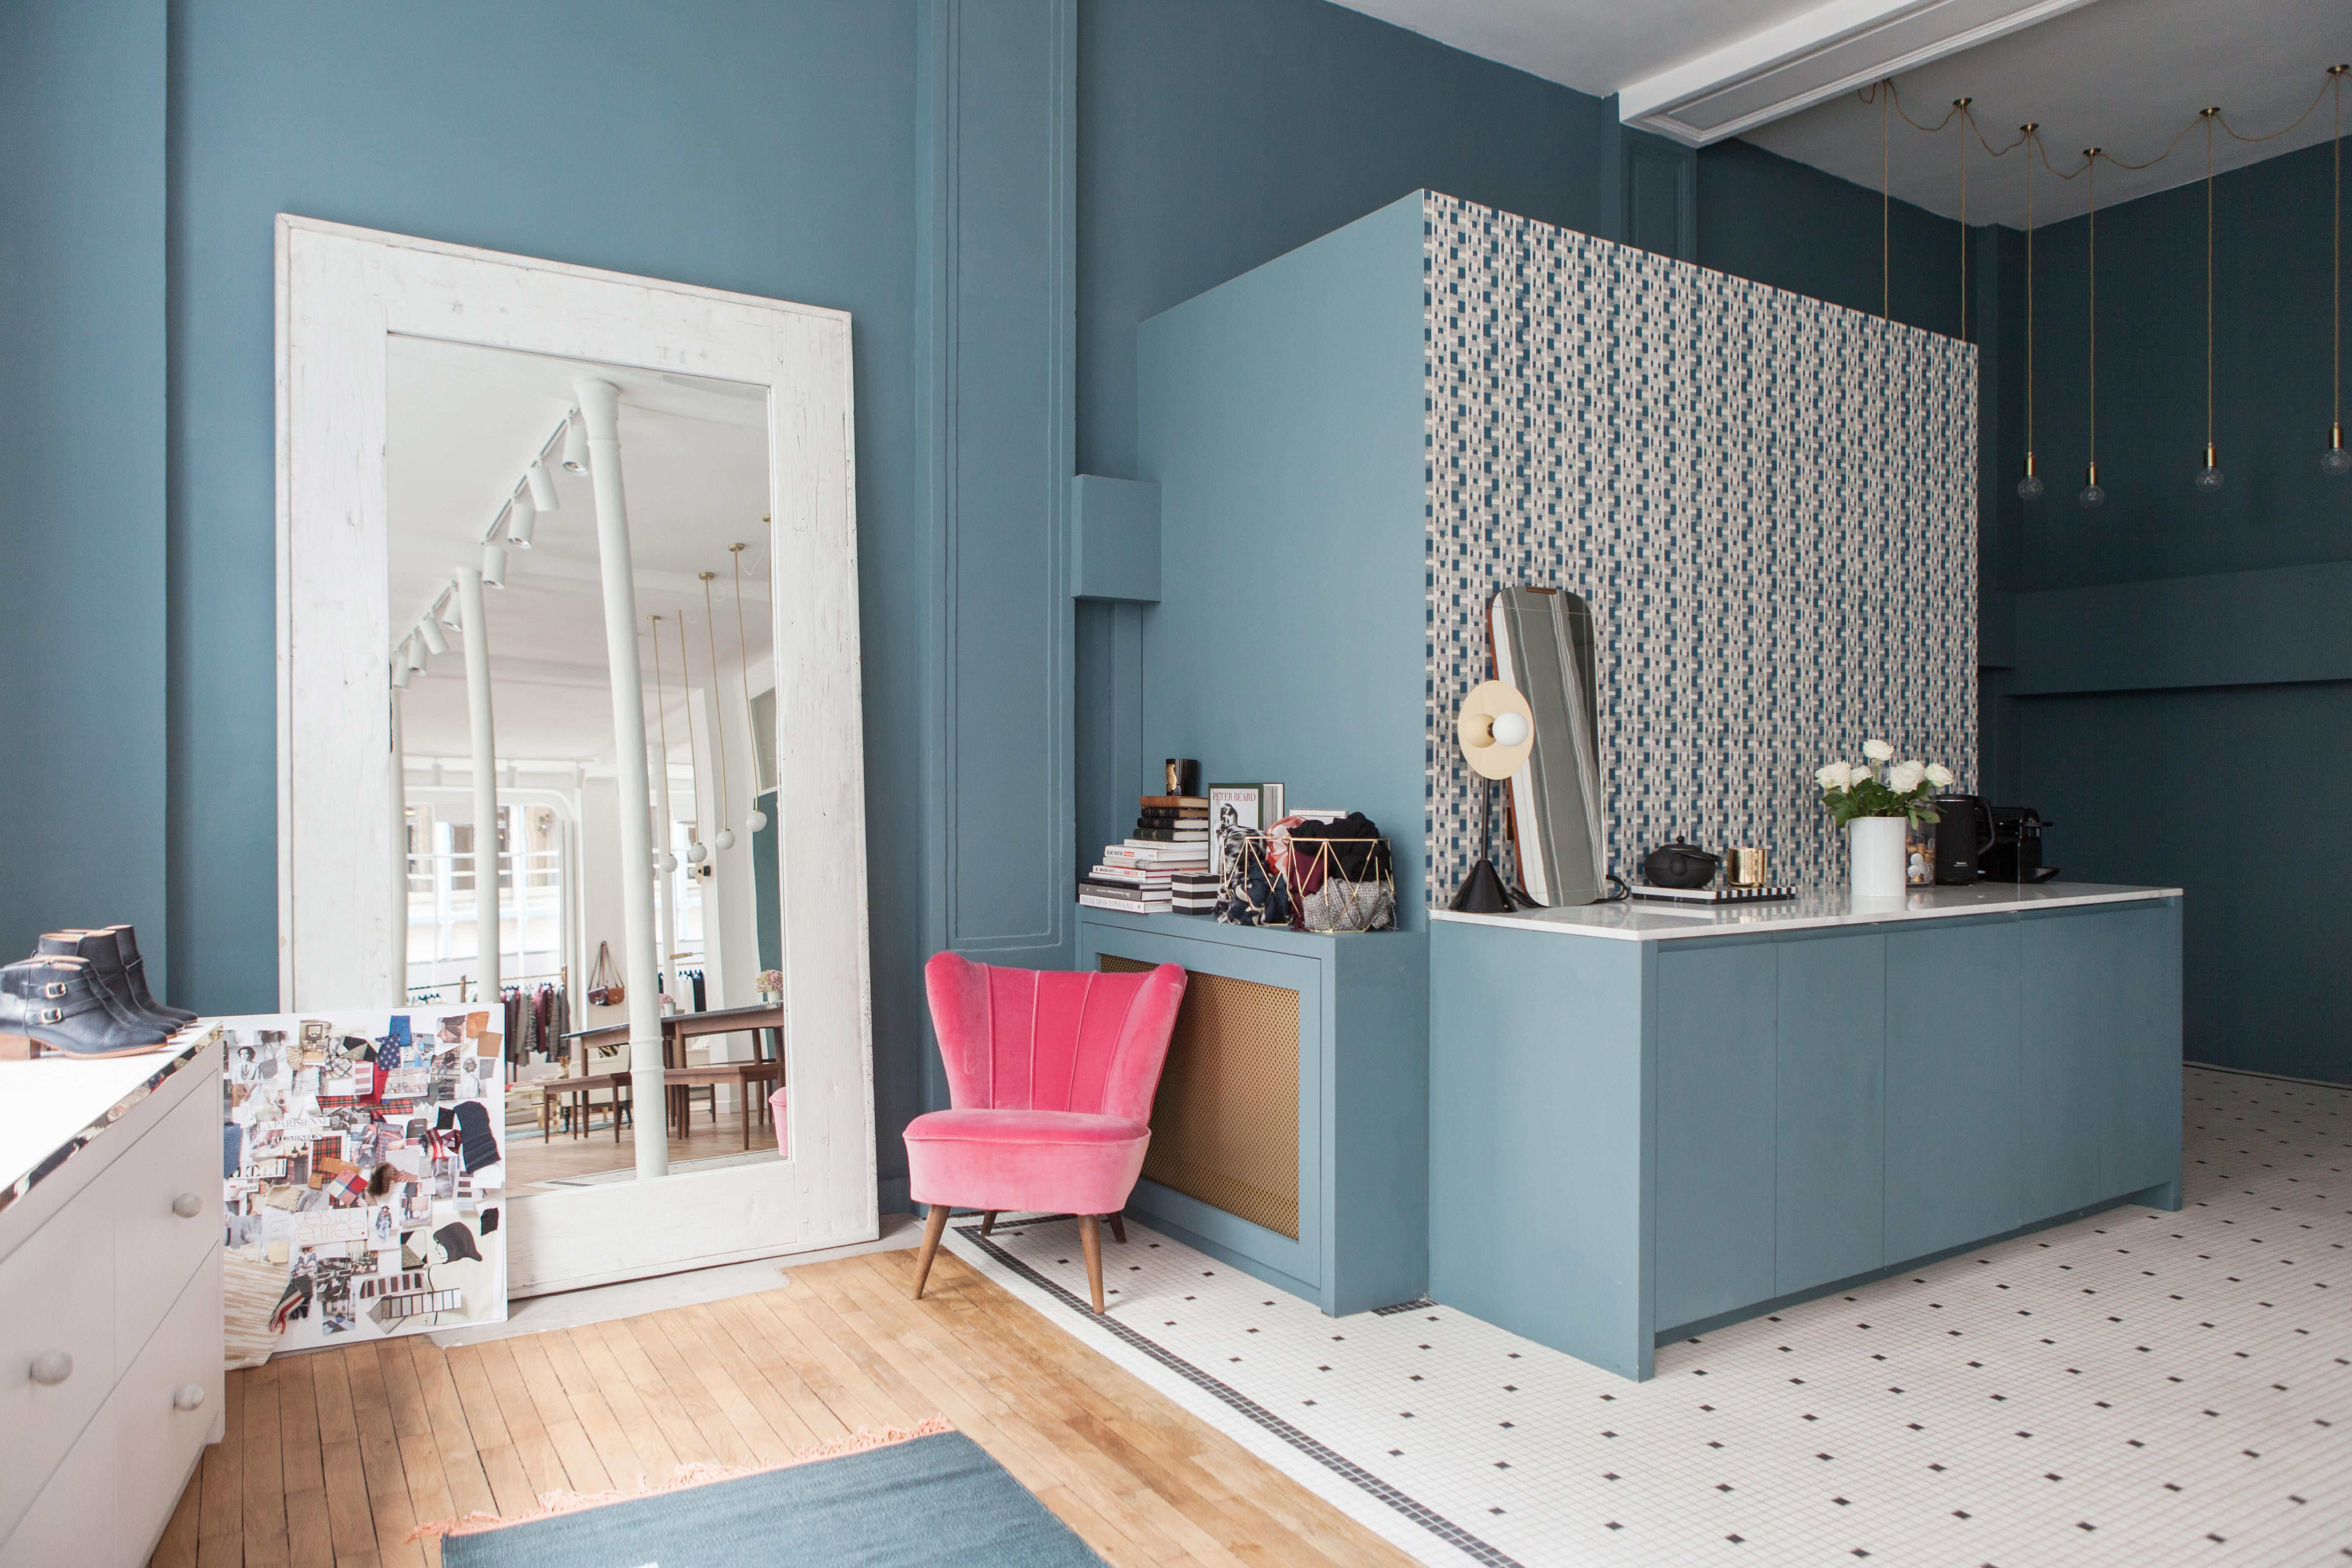 Sézane%252C appartement concept store%252C Paris 2015. Sézane%252C appartement concept store%252C Paris 2015.